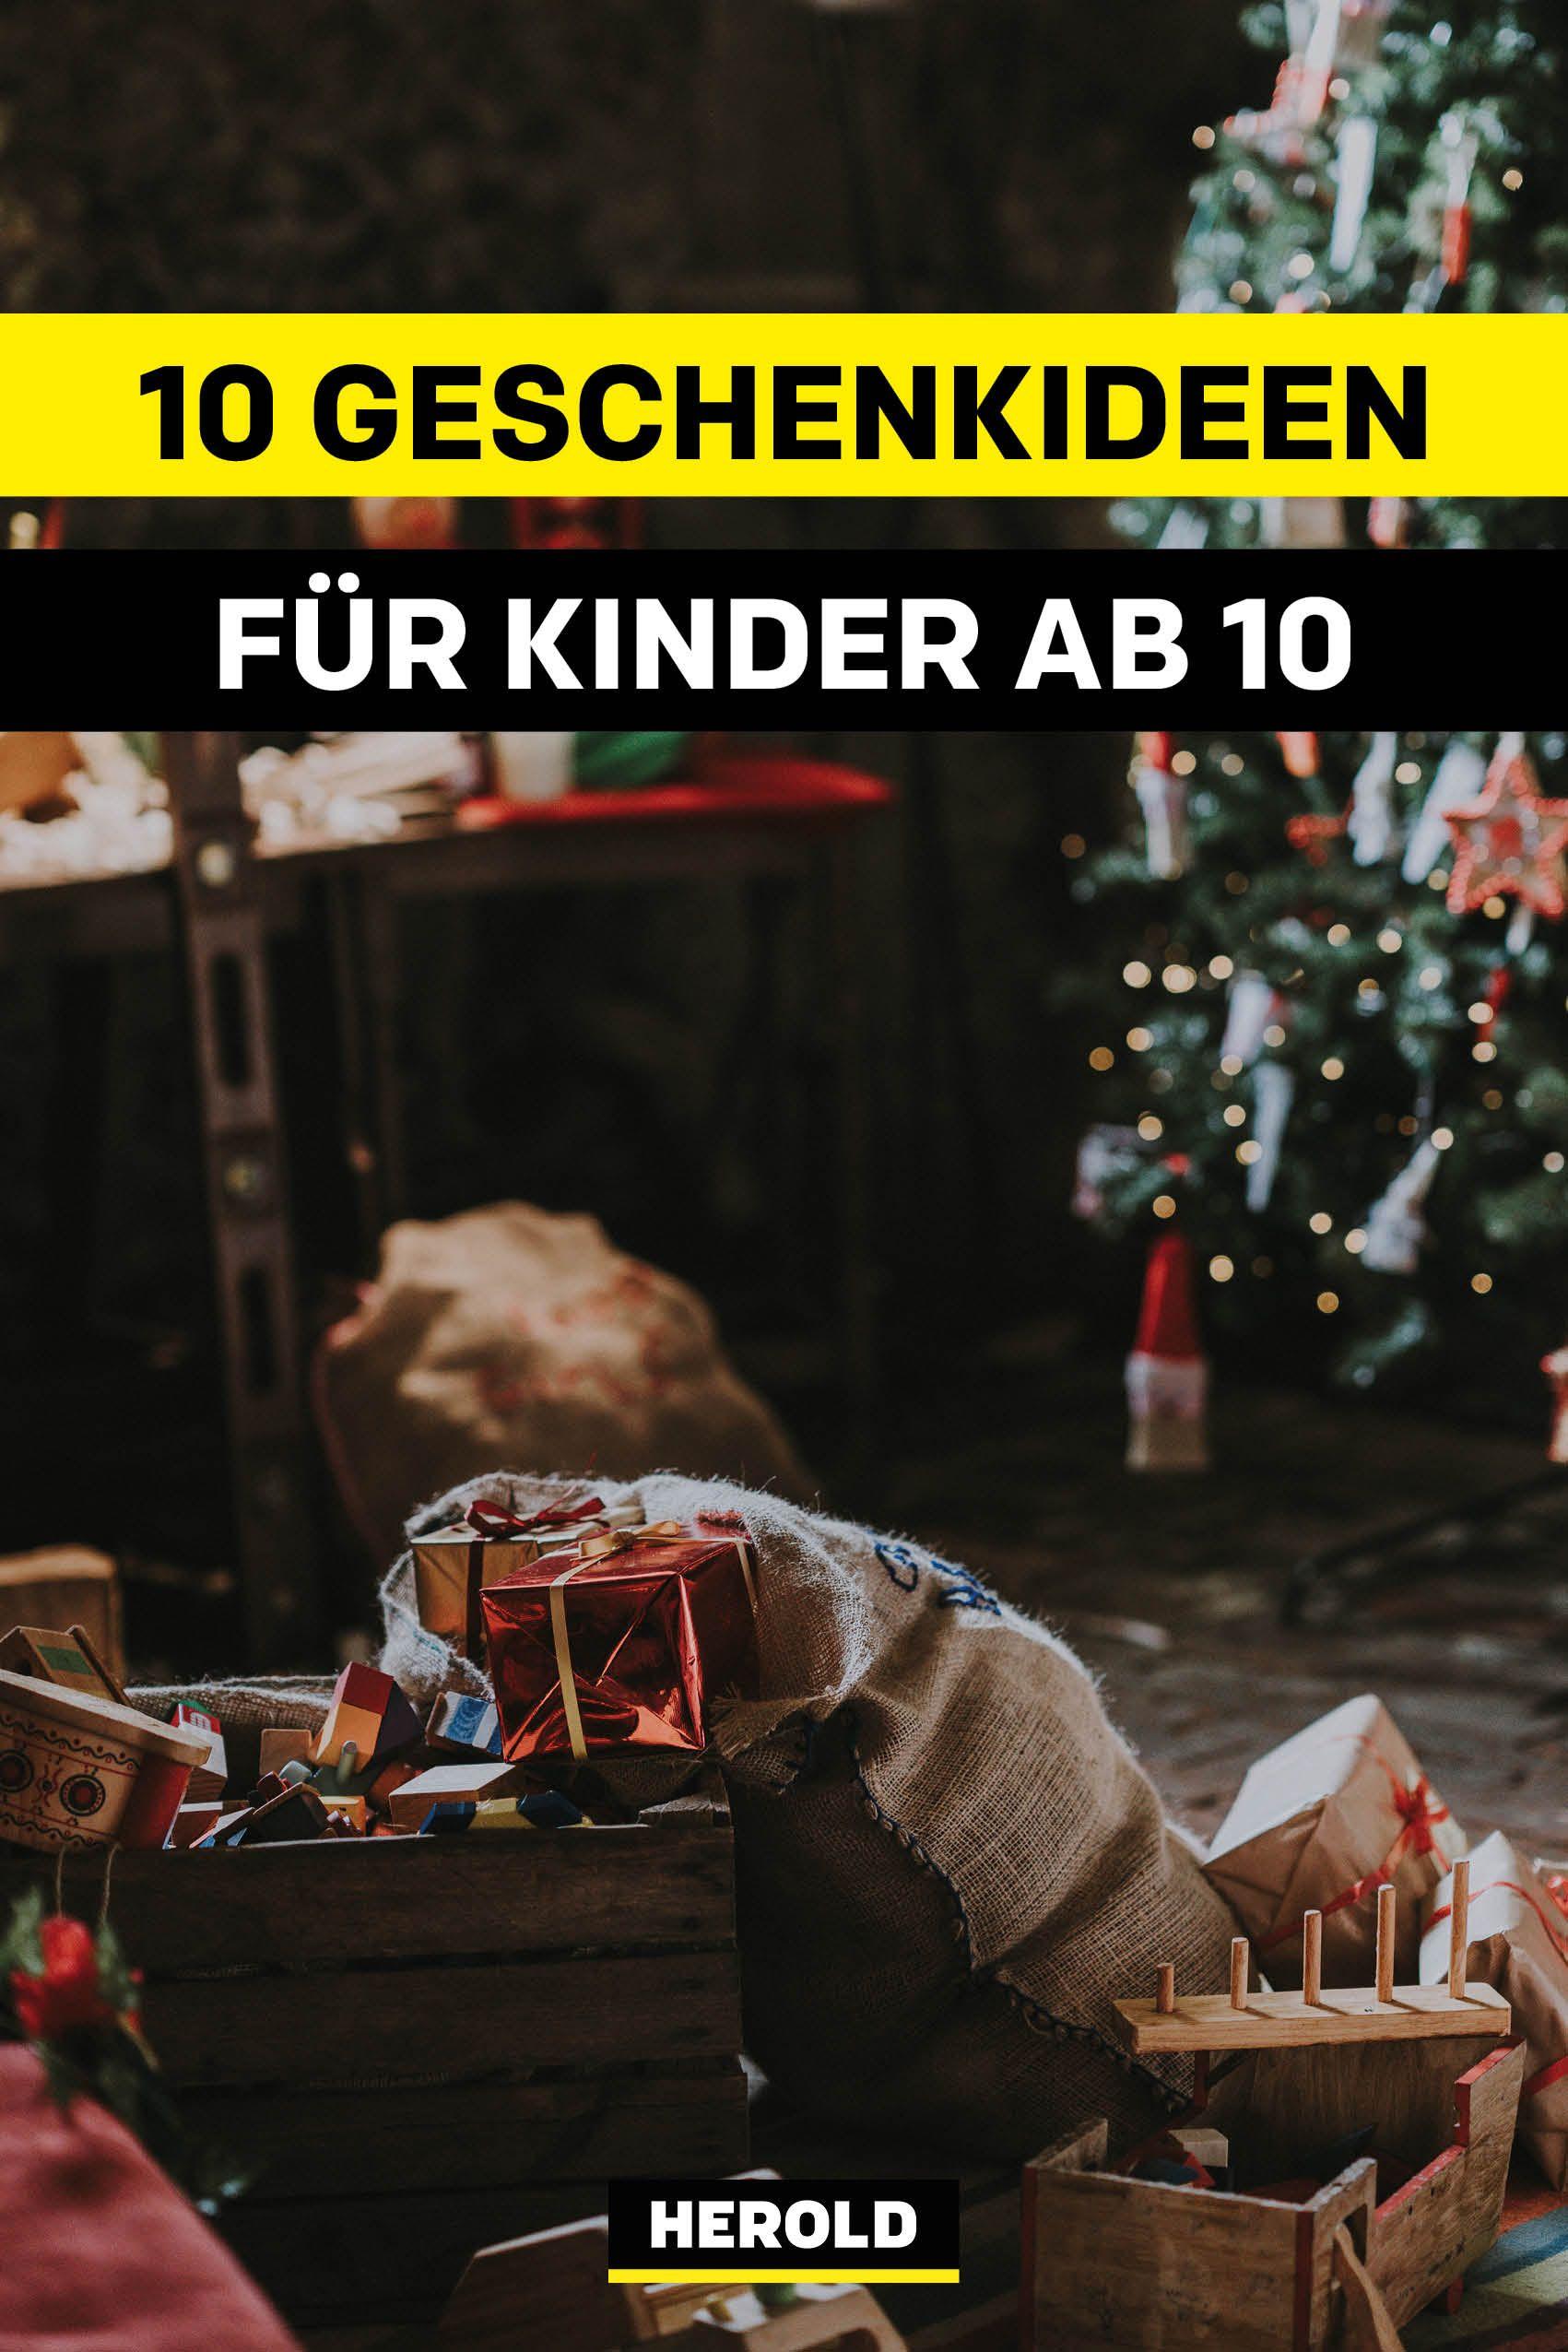 Schone Und Sinnvolle Geschenke Fur Kinder Ab 10 Jahren Geschenkideen Fur Jungs Geschenke Fur Madchen Geschenke Fur Jungs